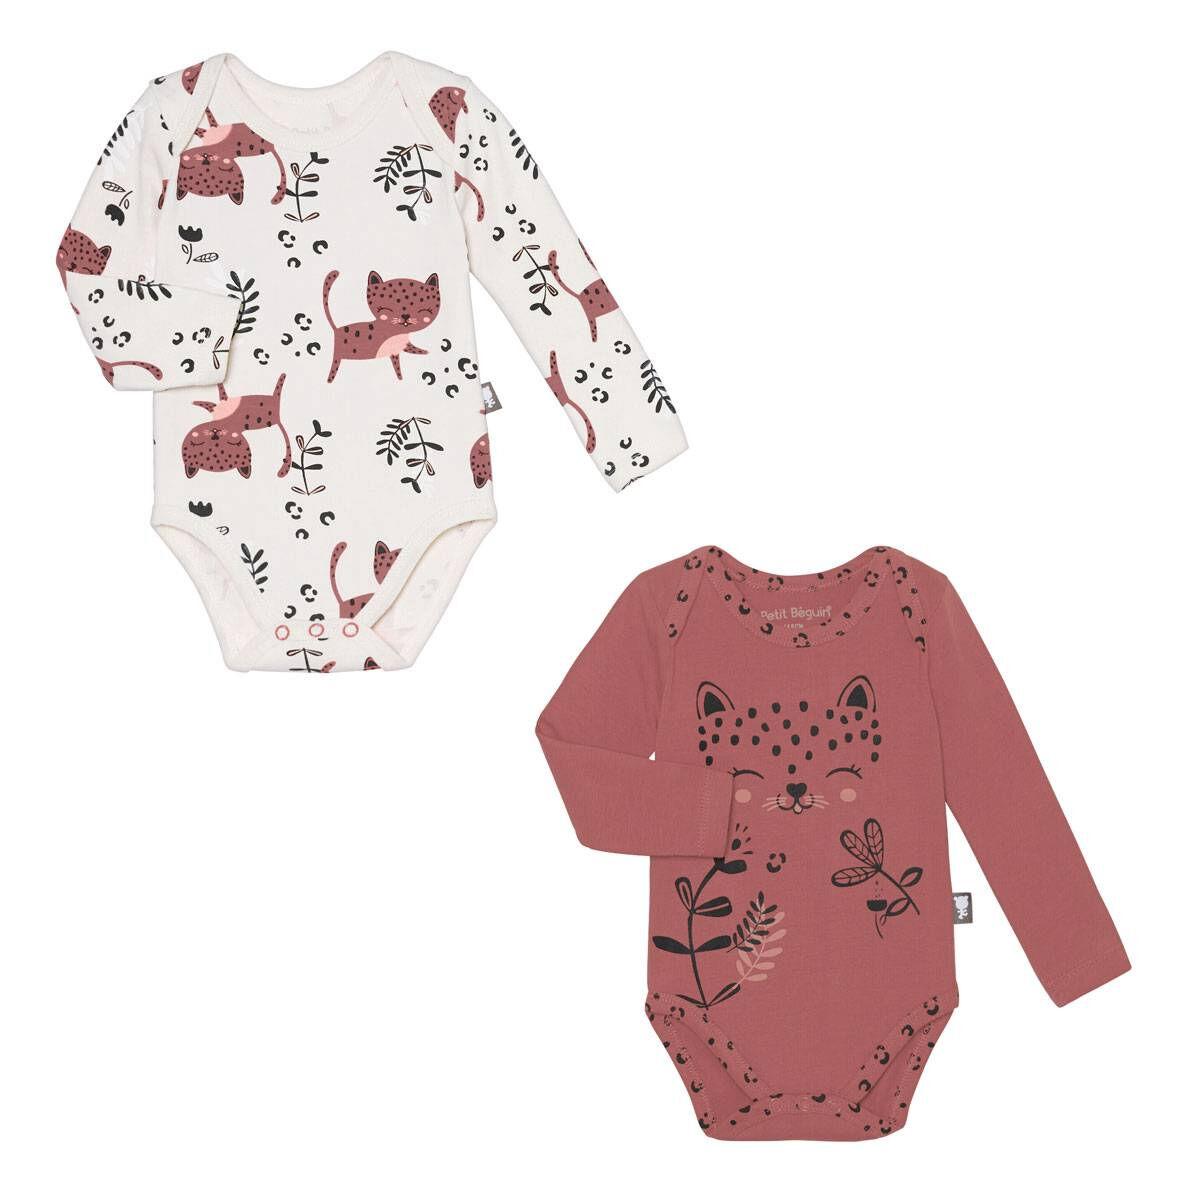 Petit Béguin Lot de 2 bodies bébé fille manches longues Léa - Taille - 6 mois